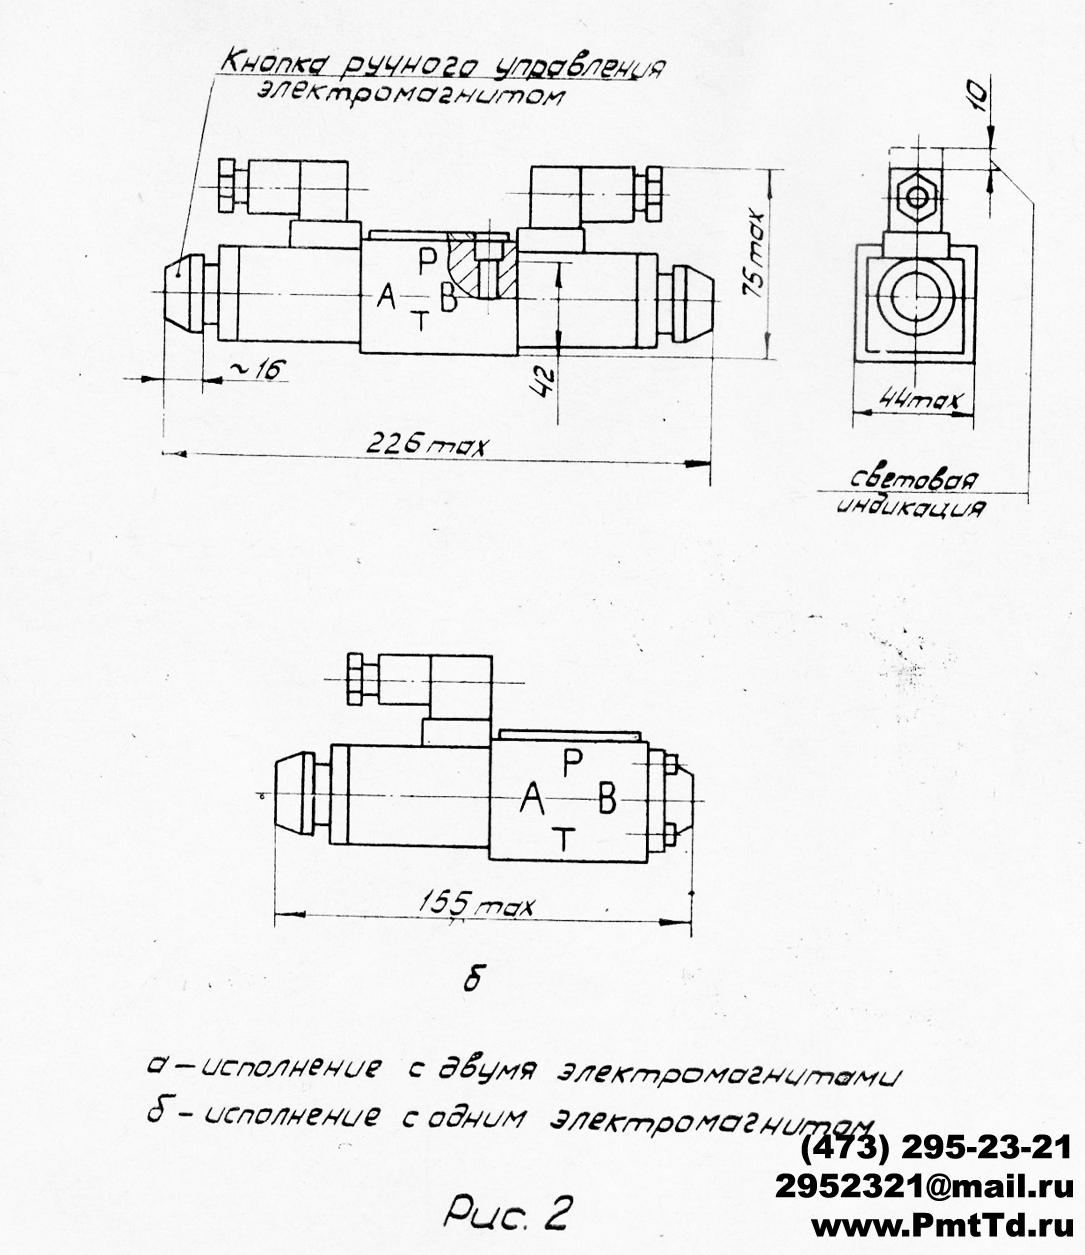 Габаритные и присоеденительные размеры пилота Пе6 с электромагнитным управлением